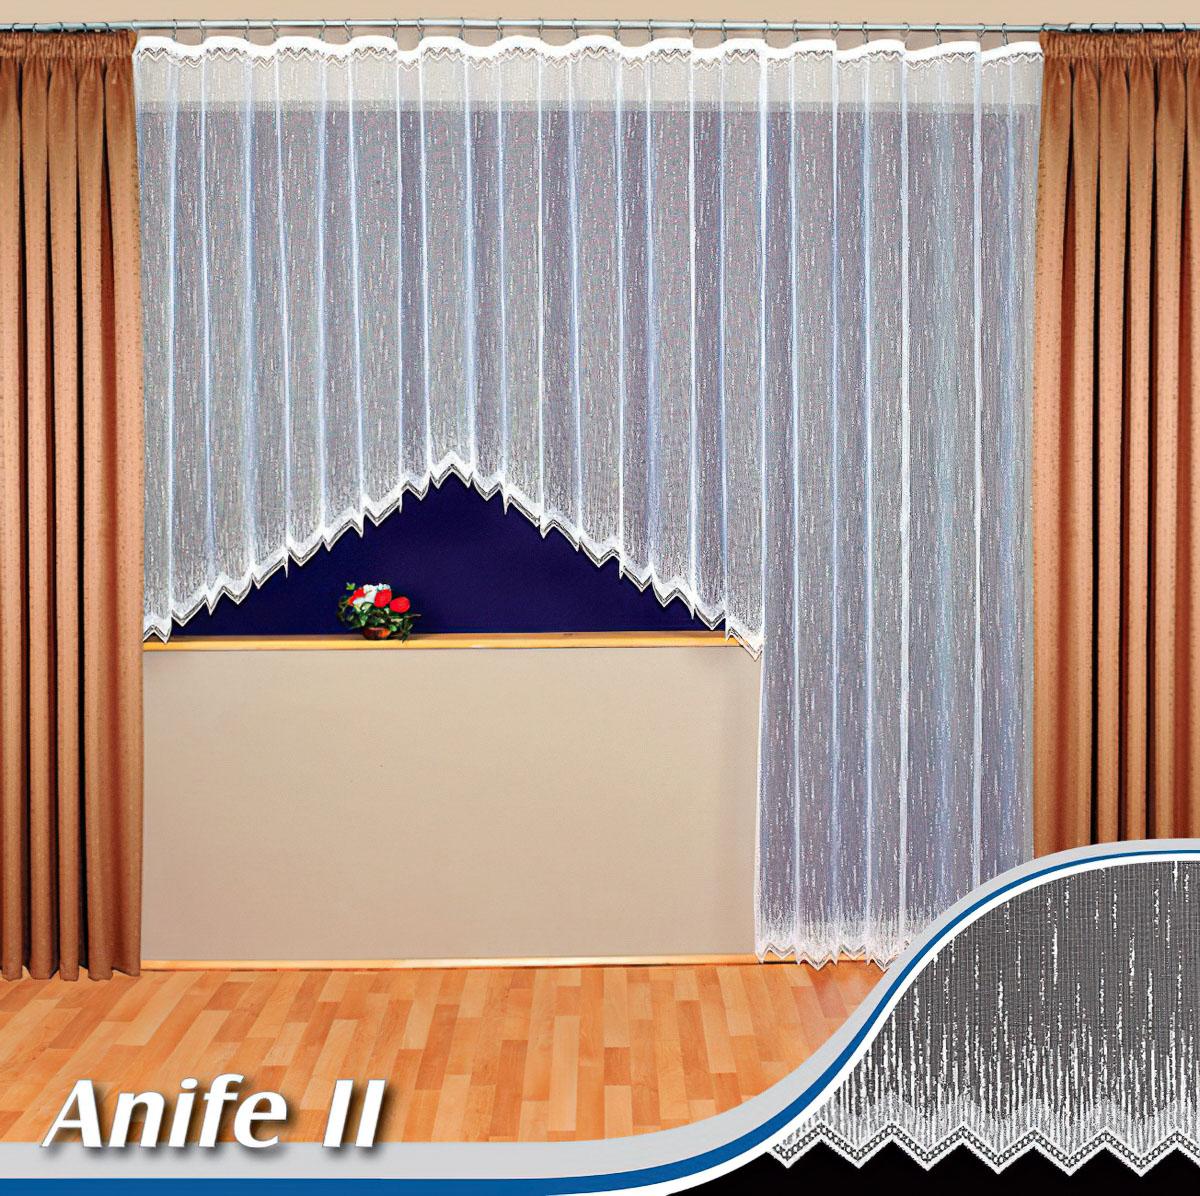 Tylex kusová záclona ANIFE2-02 jednobarevná bílá, výška 160 cm x šířka 315 cm (na okno)